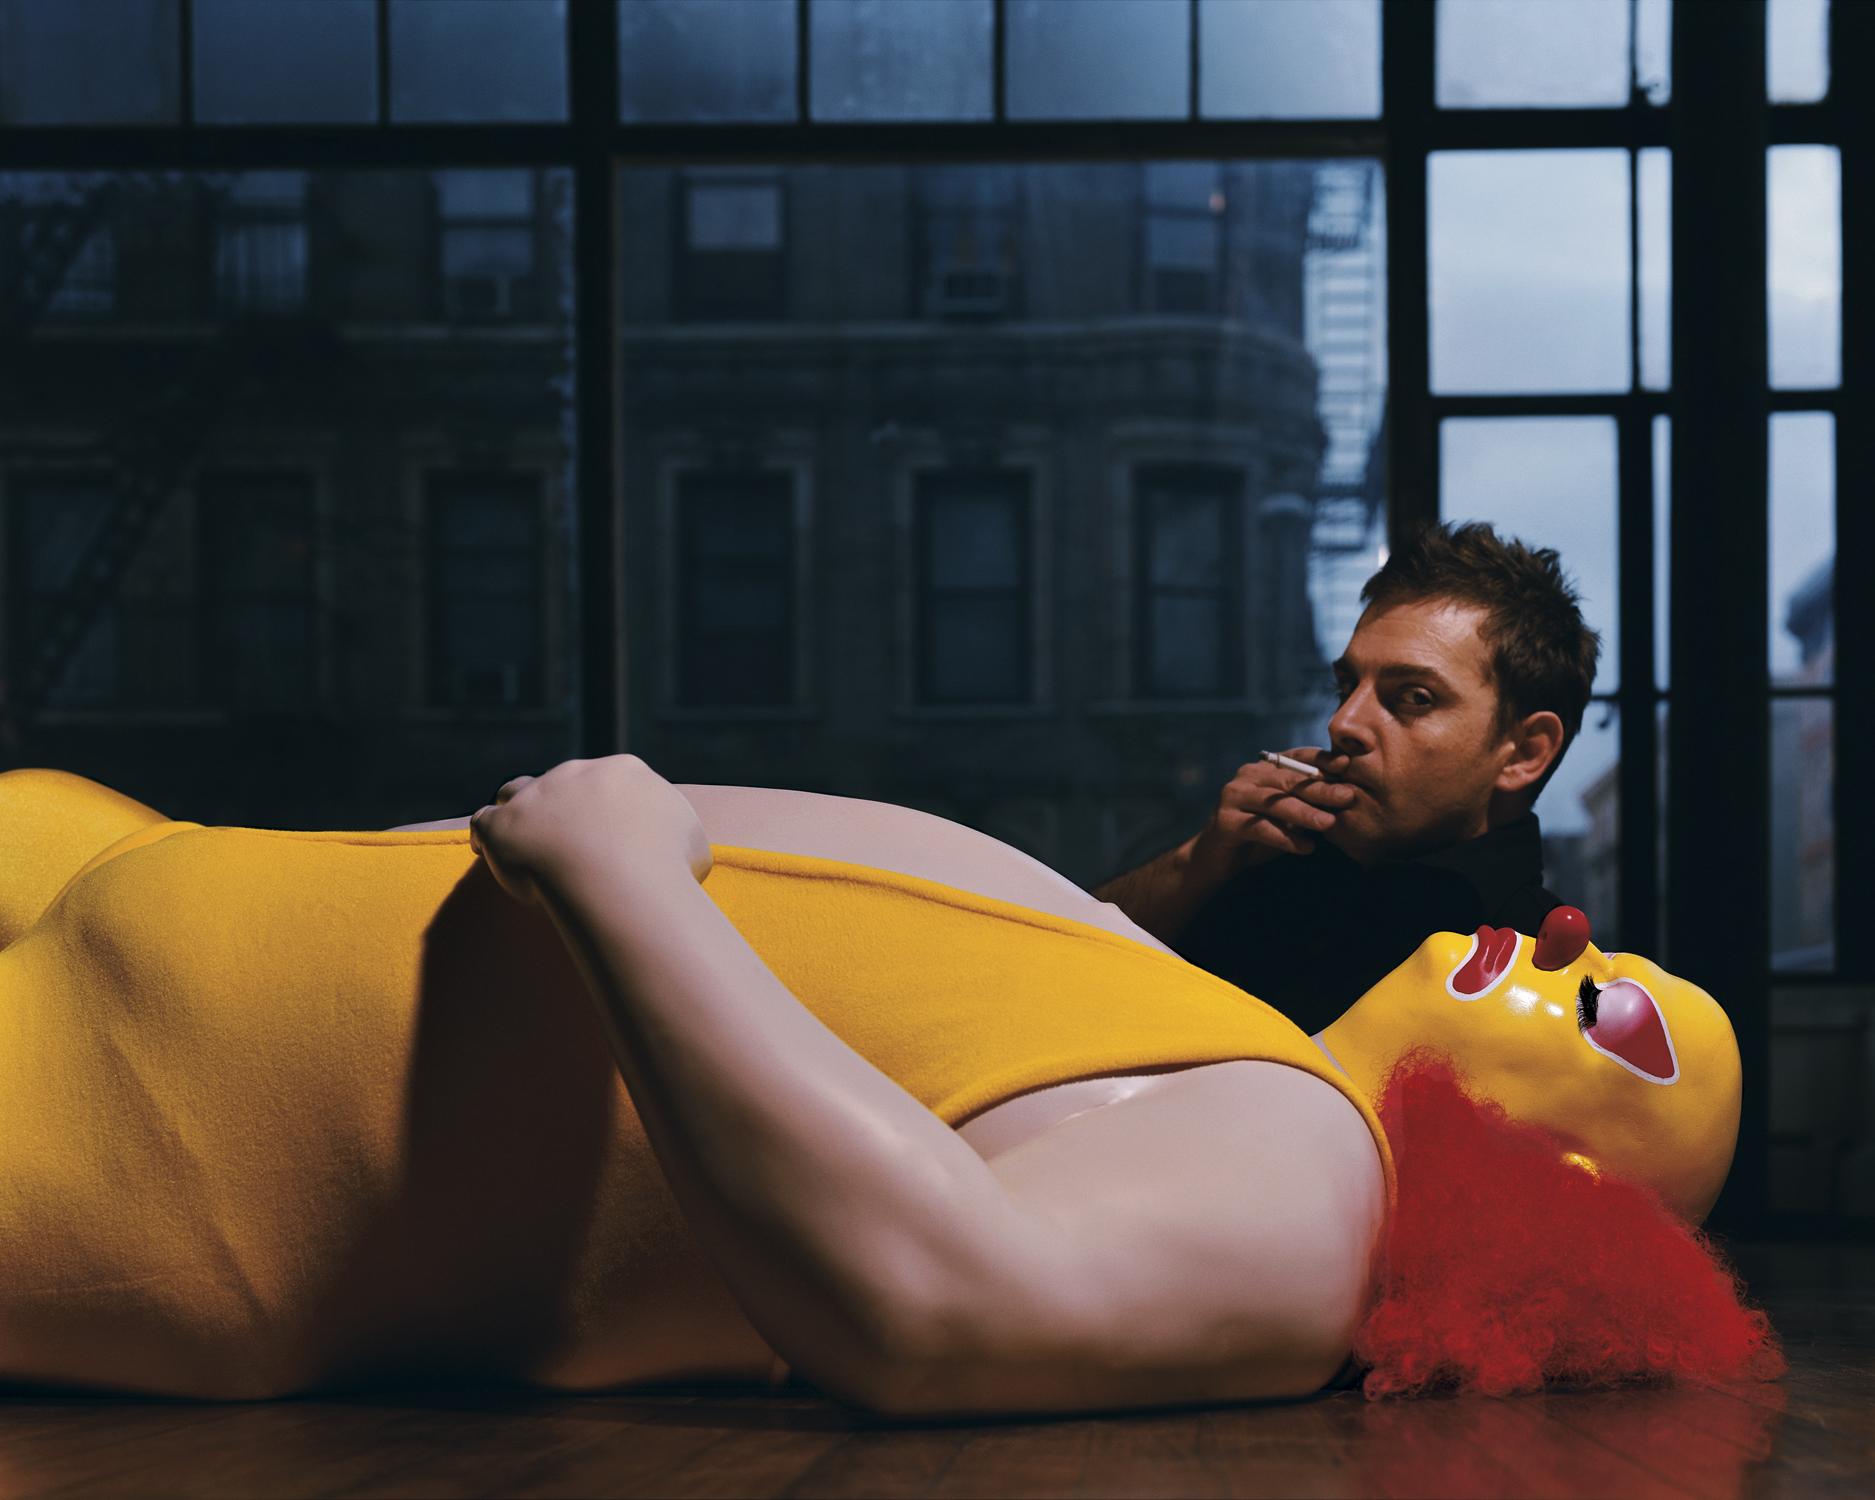 Ugo Rondinone, 2000 New York, New York